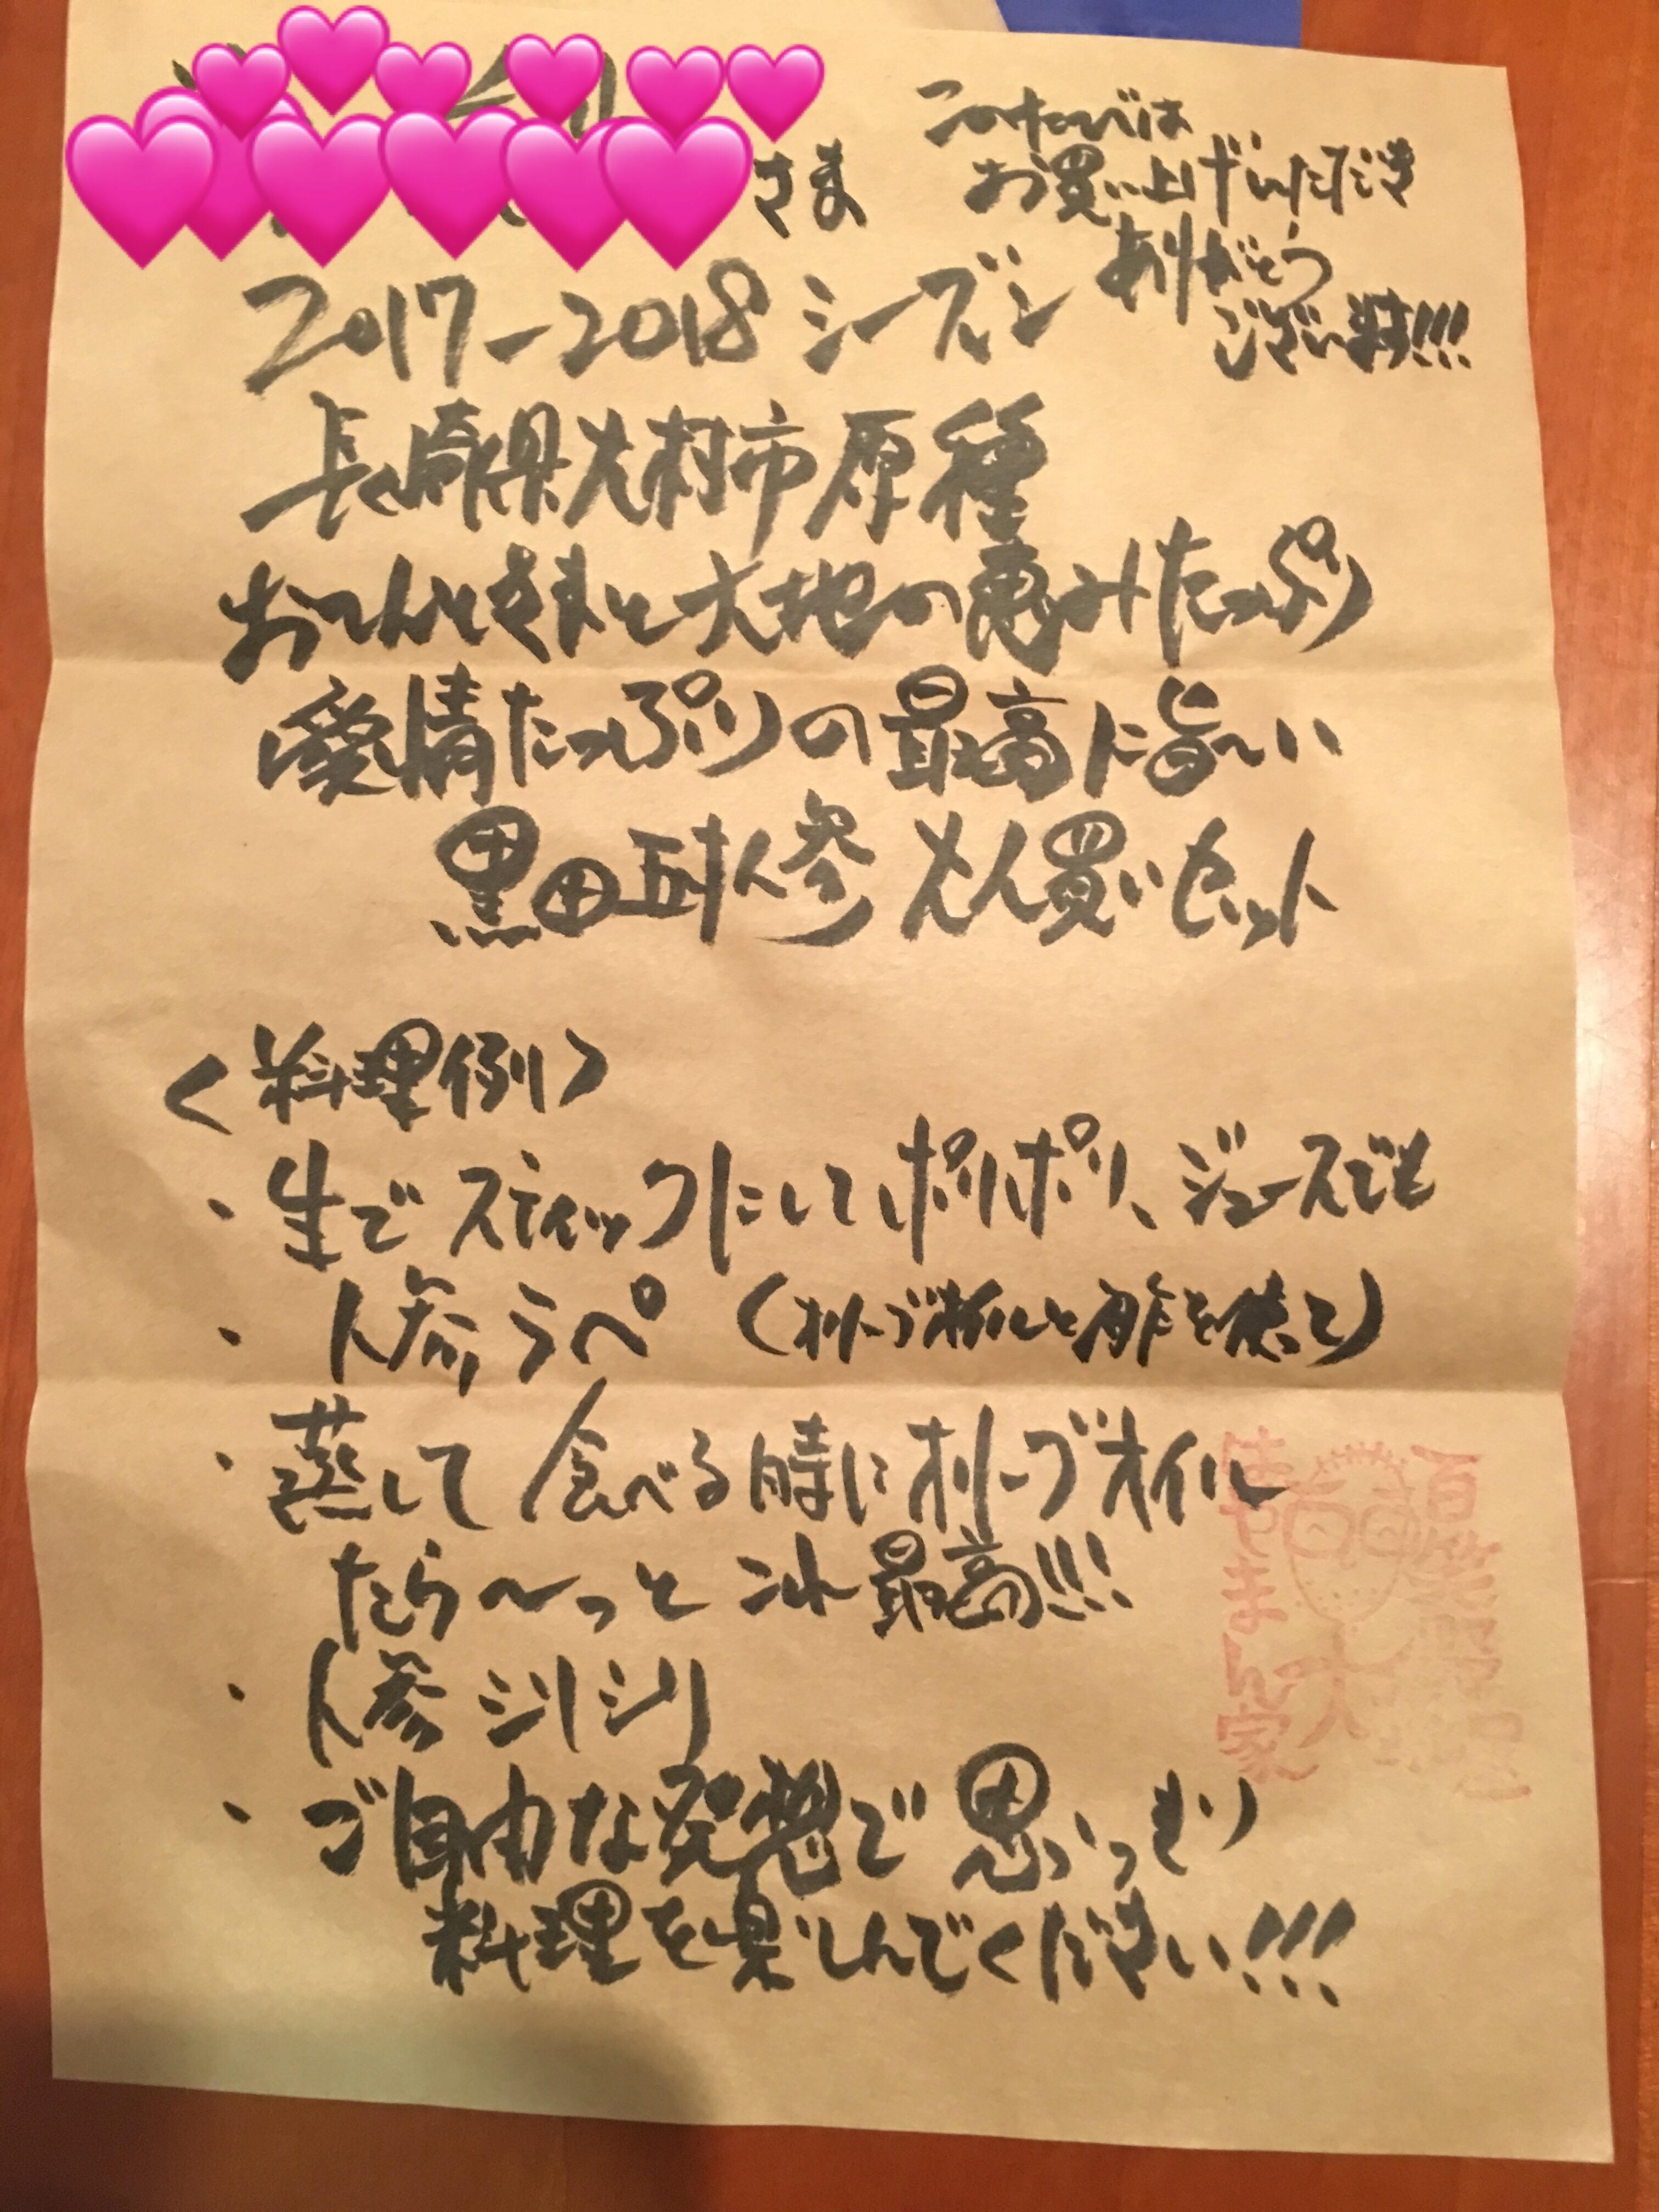 f:id:allergy_nagasakikko:20171205213502j:image